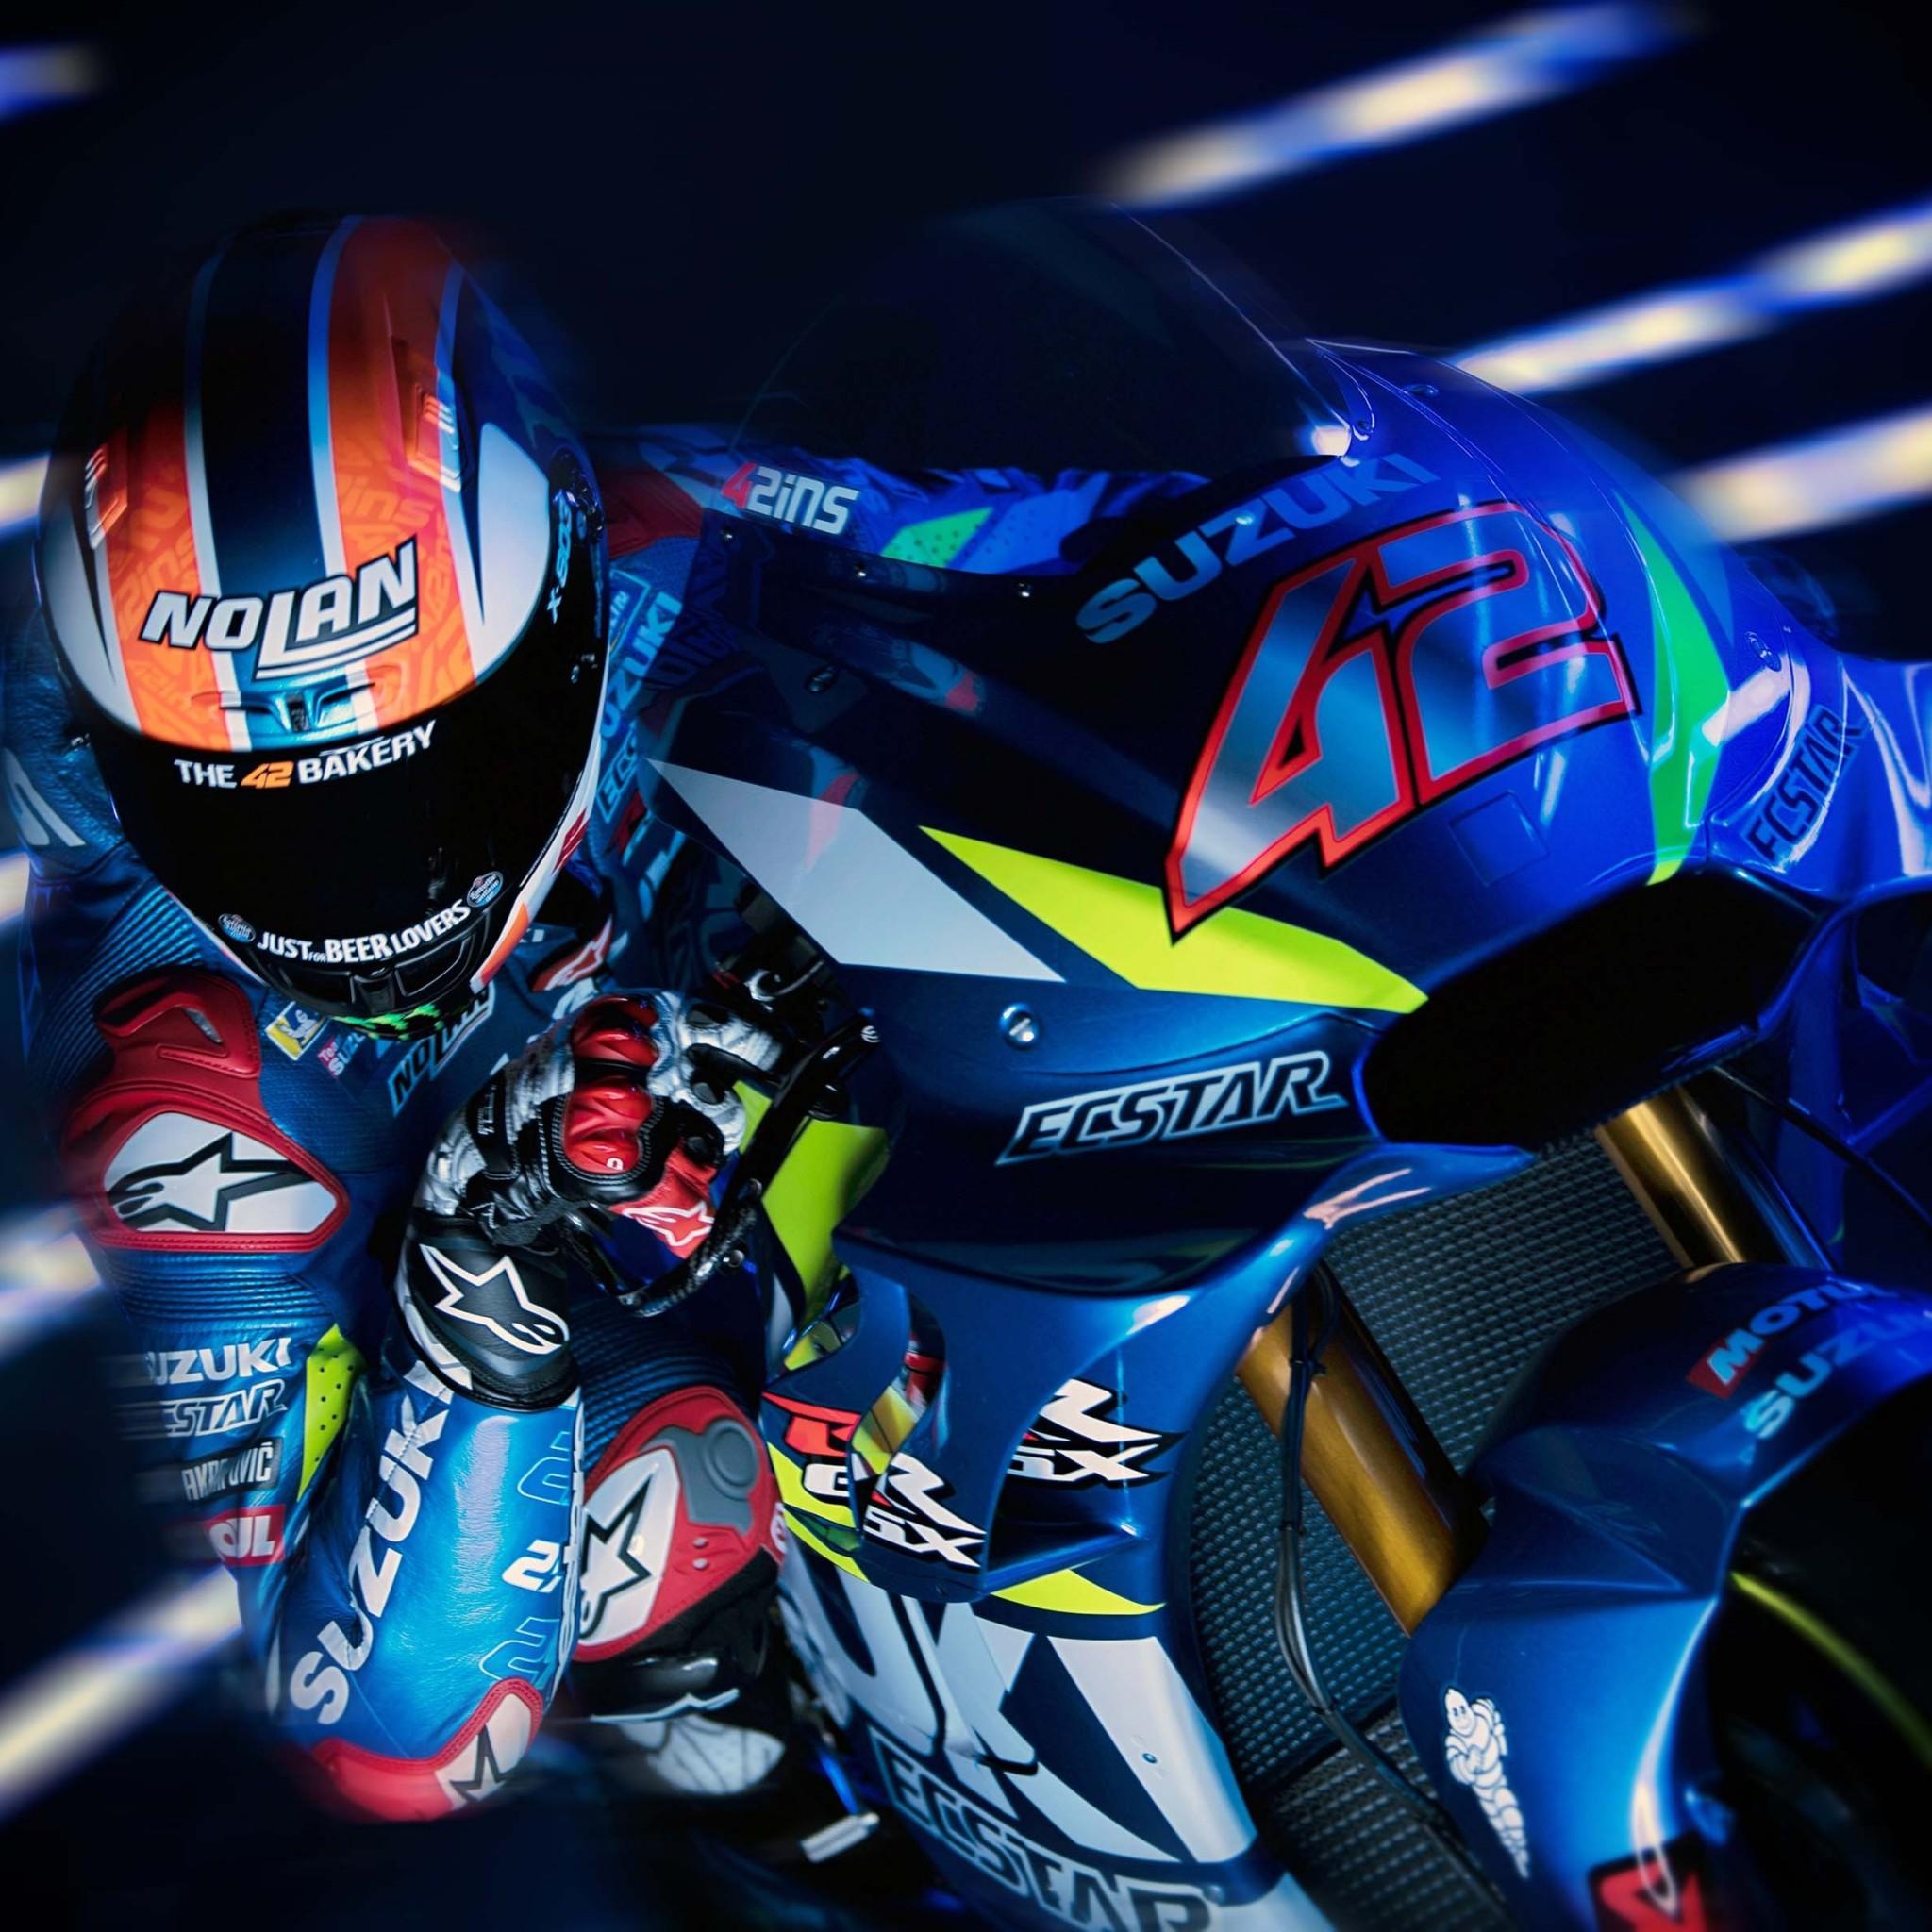 Suzuki Gsx Rr Racing Motogp Wallpaper